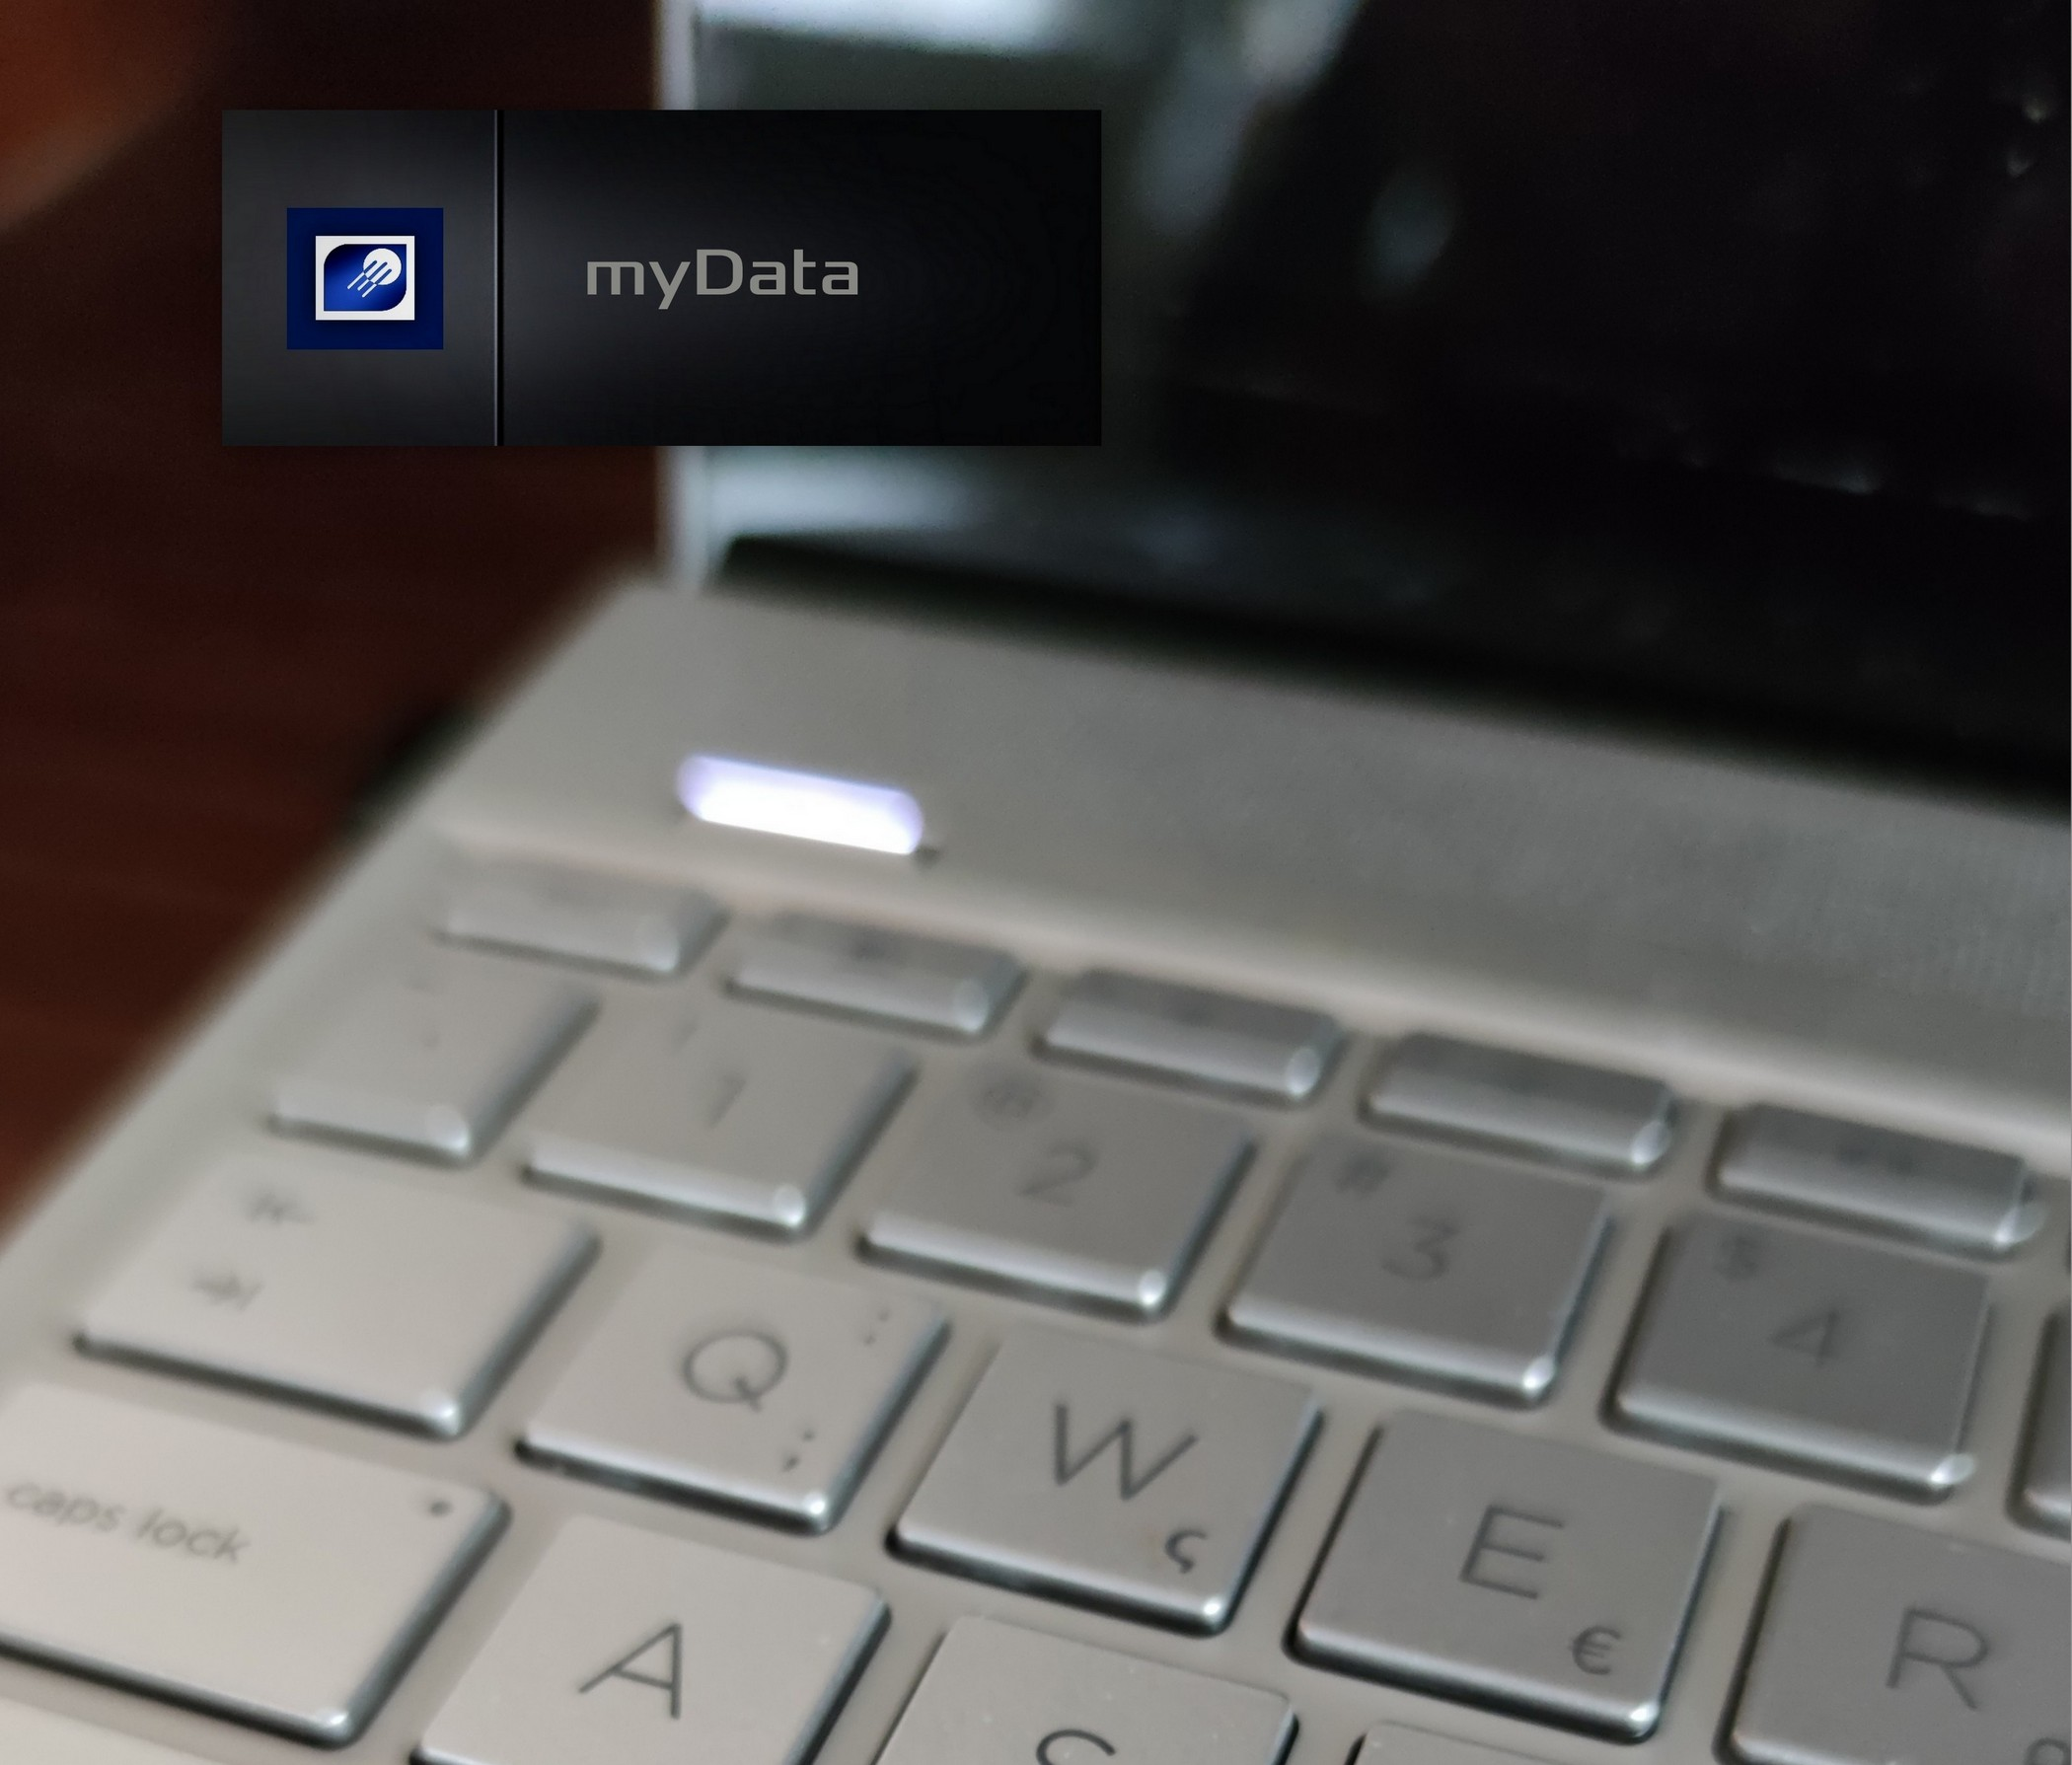 Οι τελευταίες εξελίξεις για το MyData / Από 1 Ιουλίου πλέον θα γίνει υποχρεωτική η τήρηση των ηλεκτρονικών βιβλίων